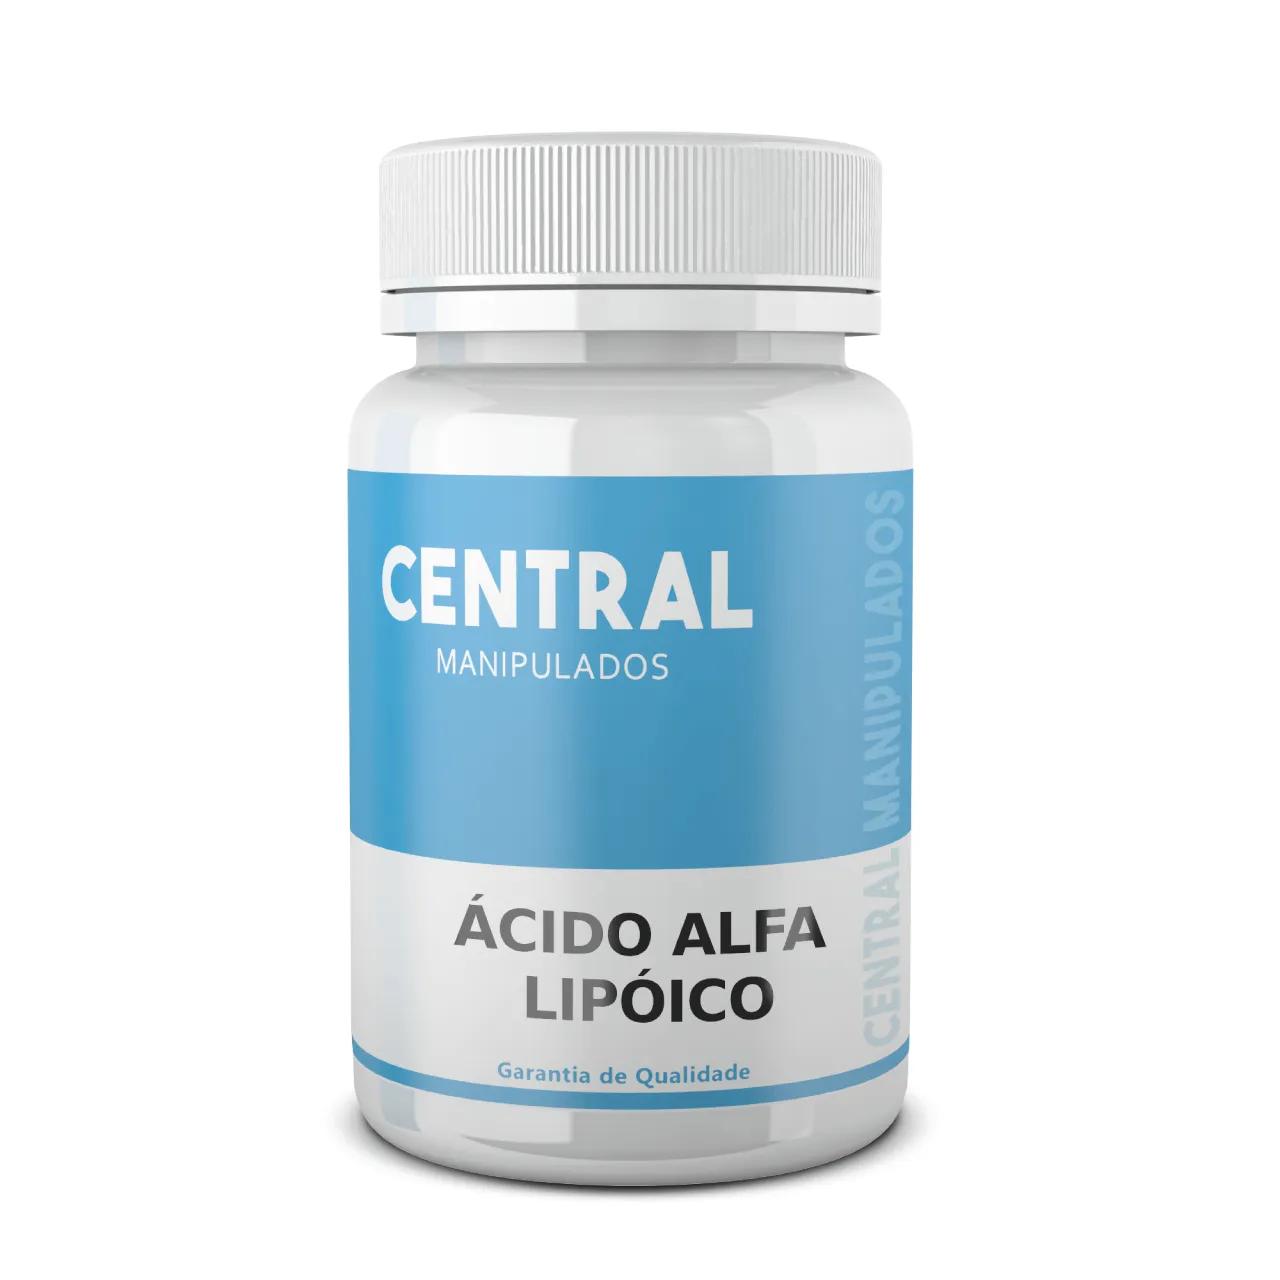 Ácido Alfa Lipóico 500mg - 30 cápsulas - Antioxidante potente, protetor do fígado e coração